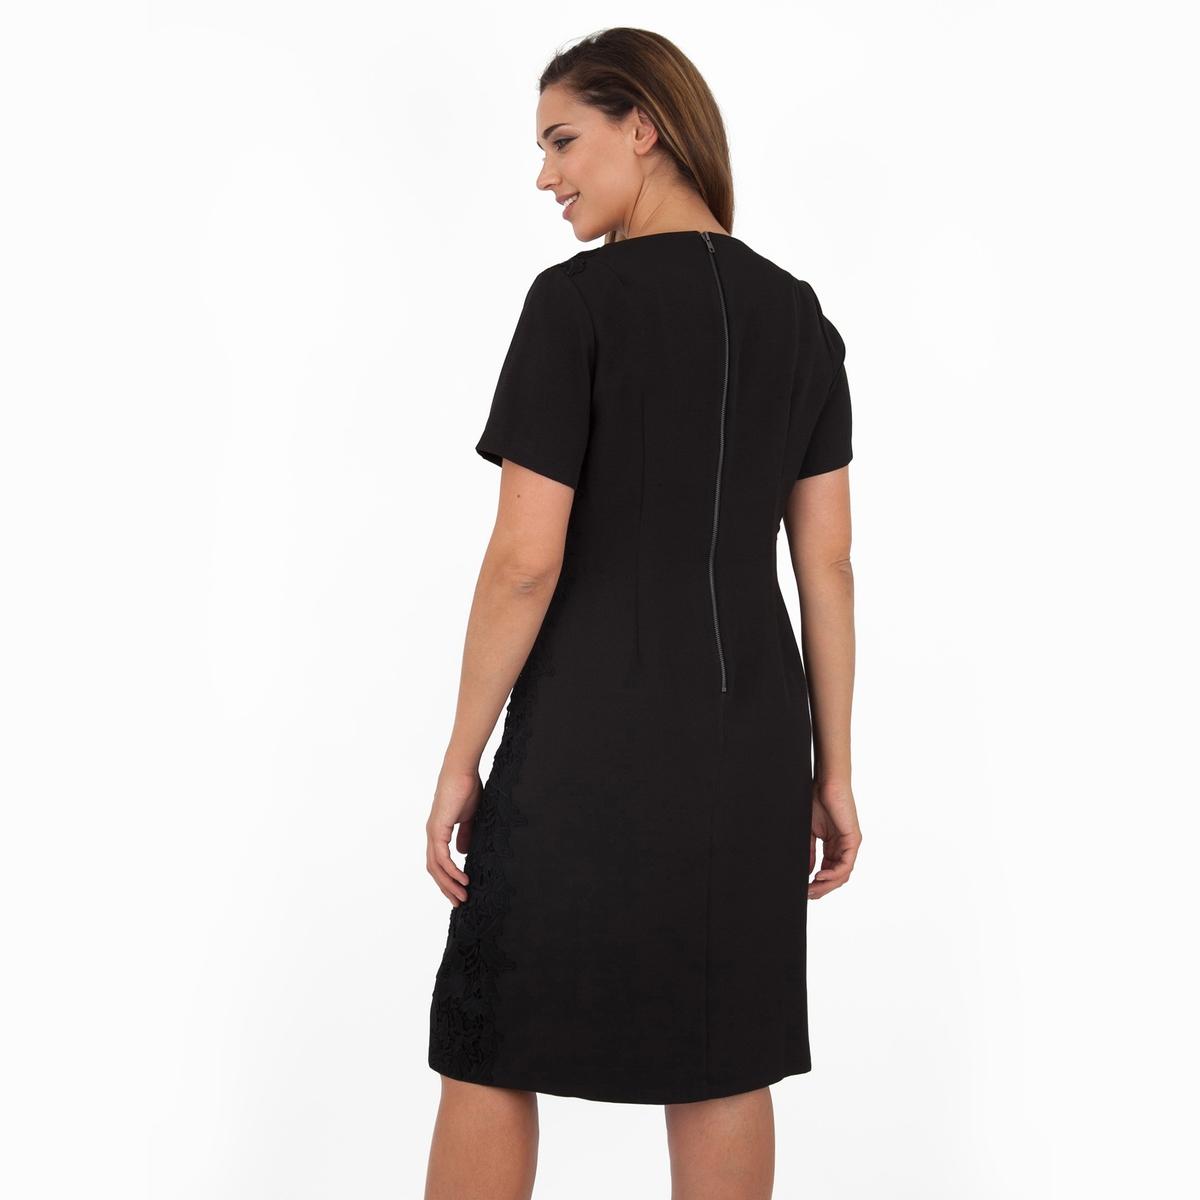 ПлатьеПлатье с короткими рукавами - KOKO BY KOKO. Кружевные детали по бокам, застежка на молнию сзади. Длина ок.104 см. 100% полиэстера.<br><br>Цвет: черный<br>Размер: 58/60 (FR) - 64/66 (RUS)